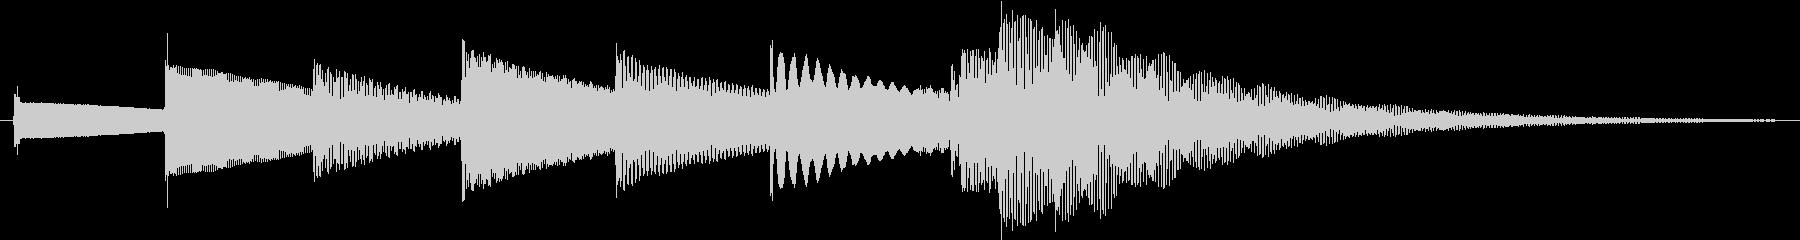 おやすみ【1フレーズの短いオルゴール曲】の未再生の波形